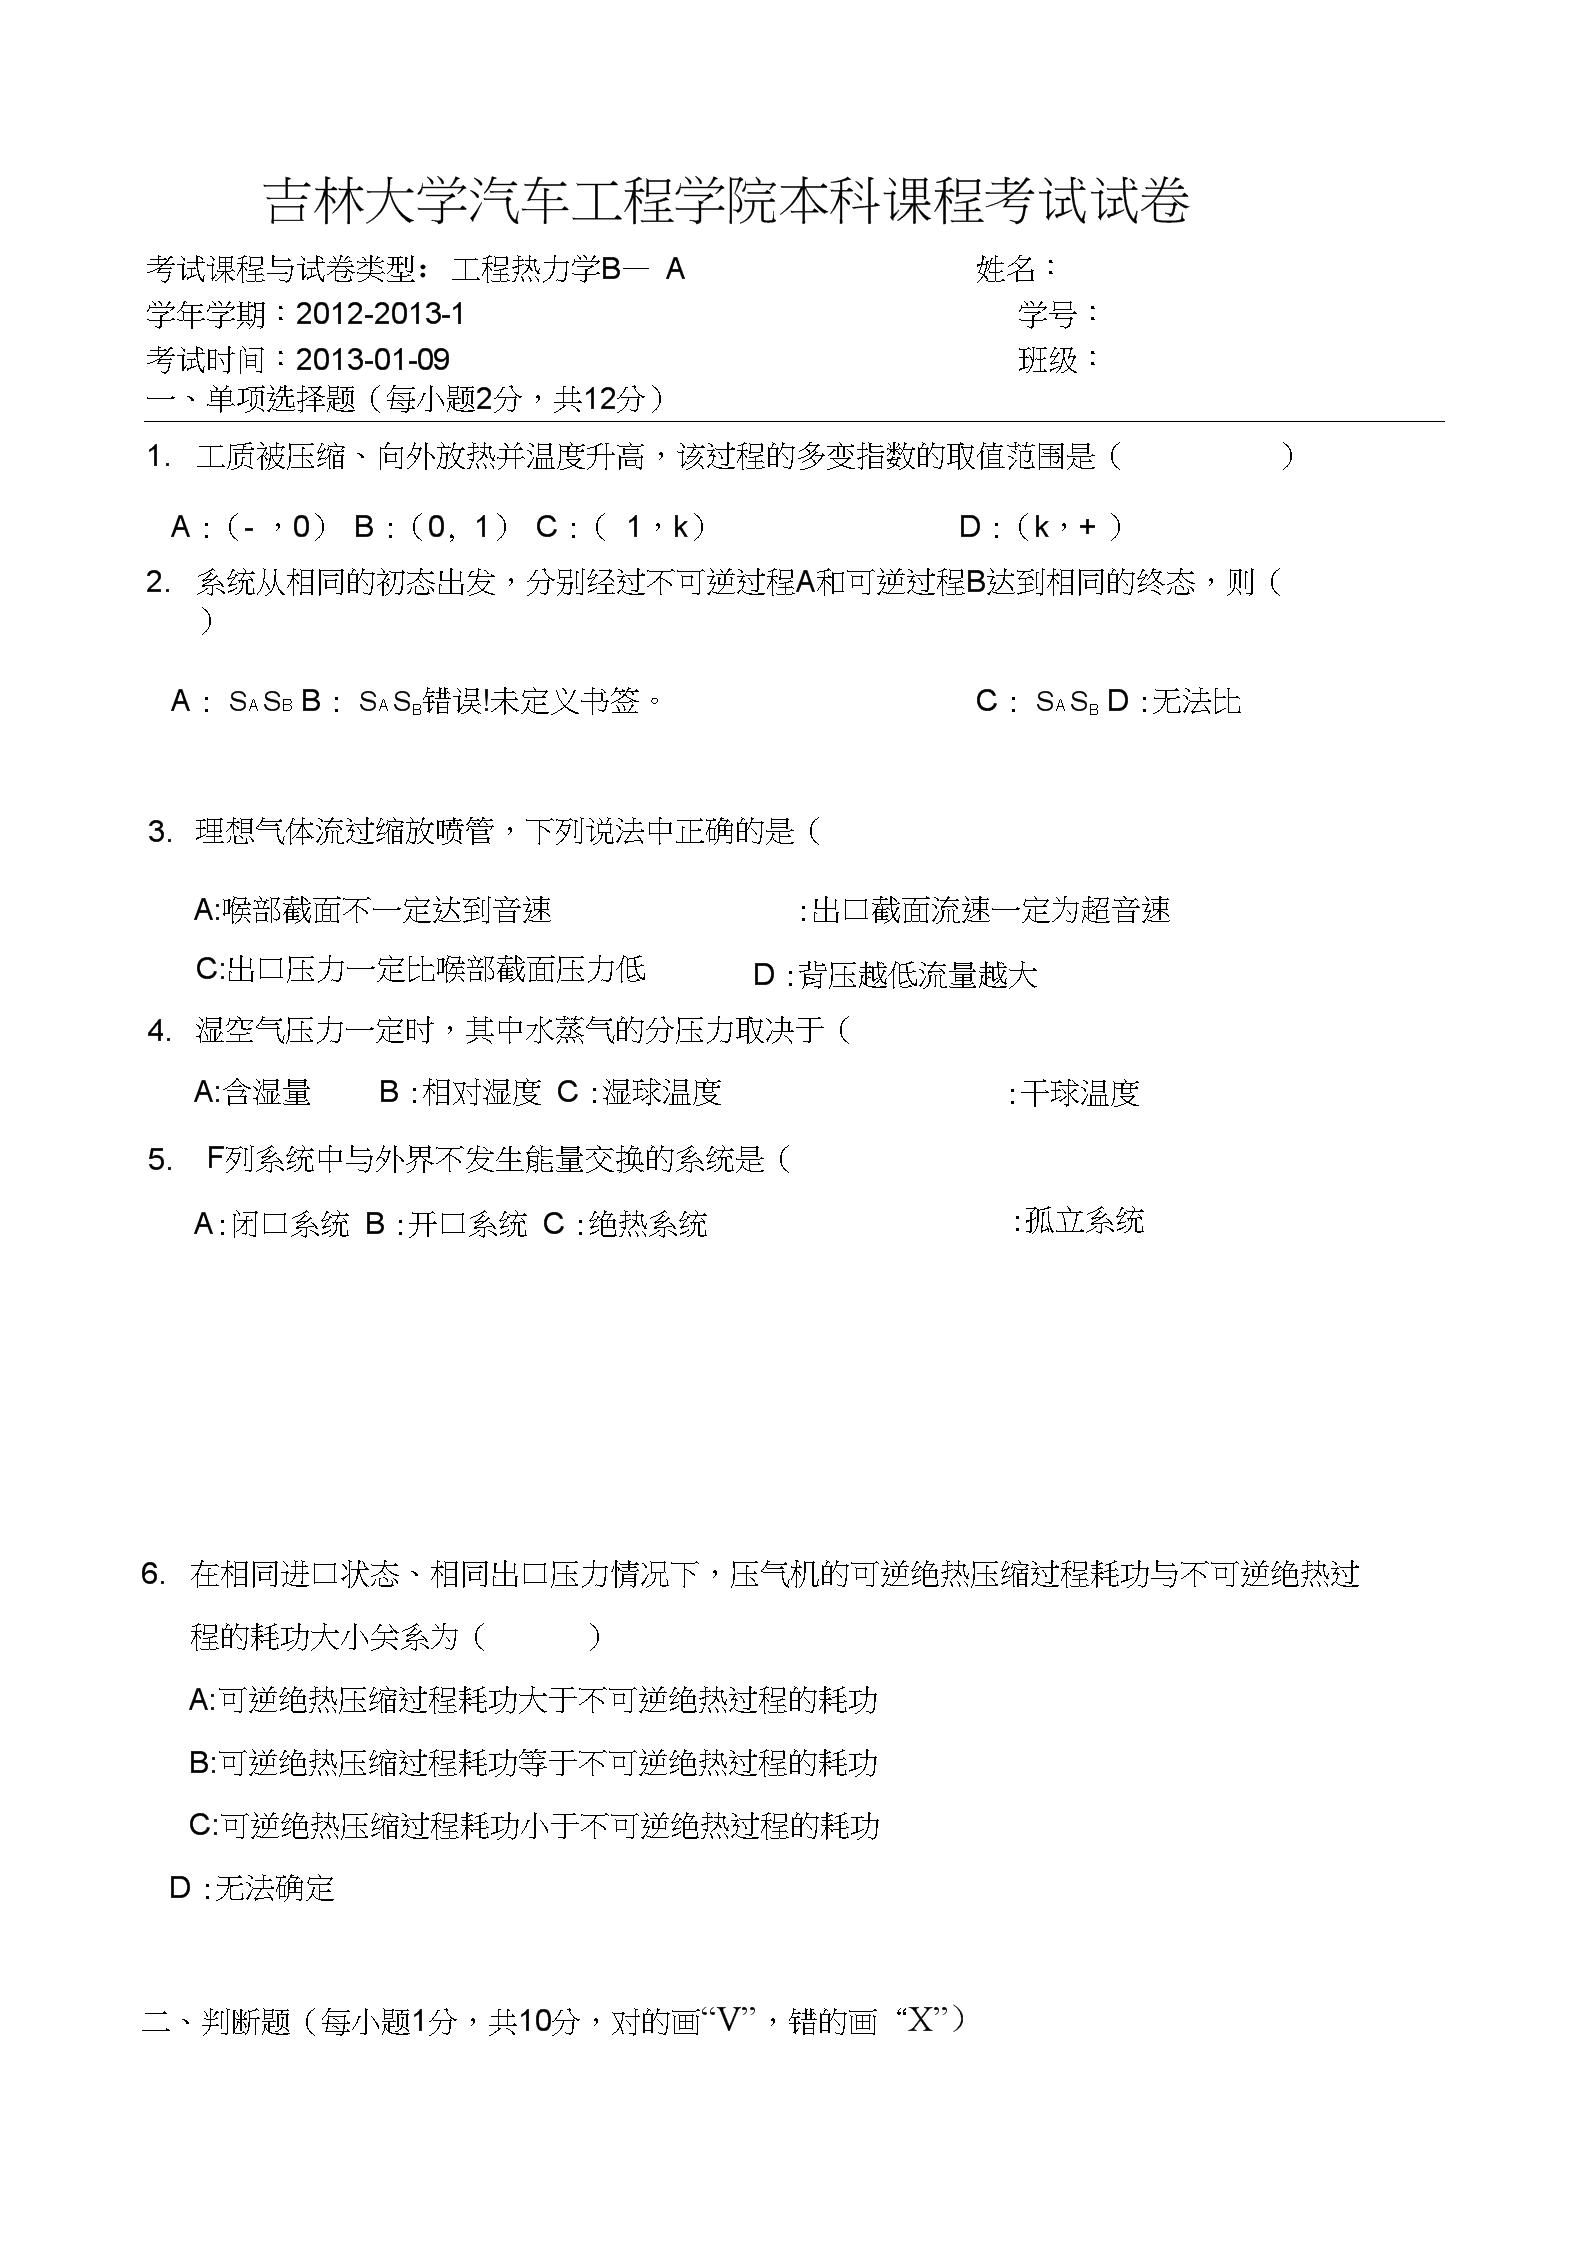 工程热力学B试题.docx